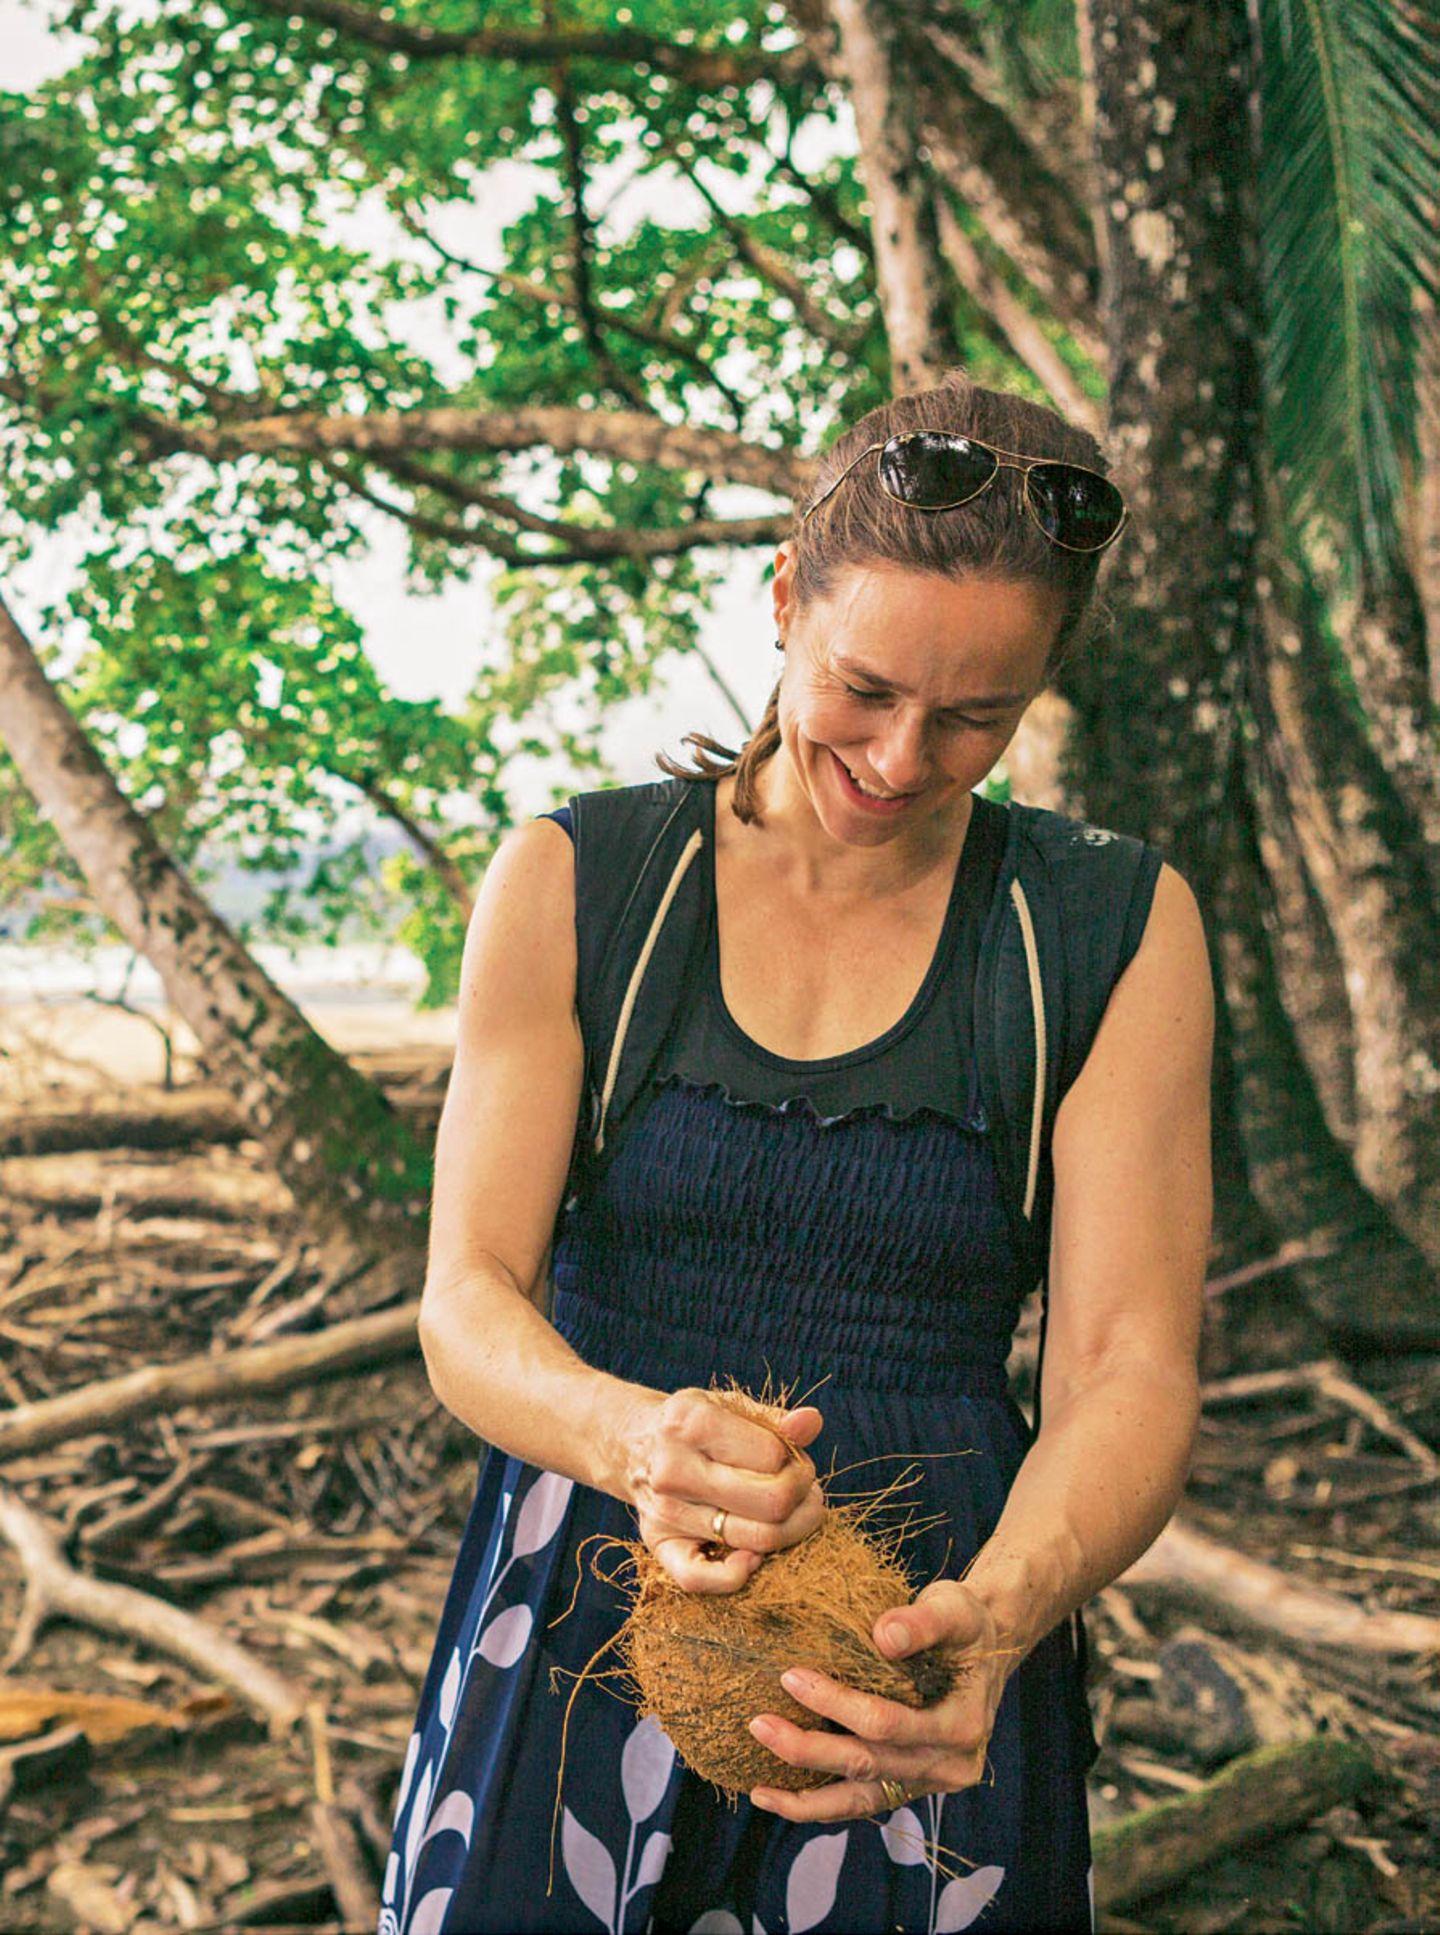 Gar nicht so einfach, eine Kokosnuss zu öffnen.